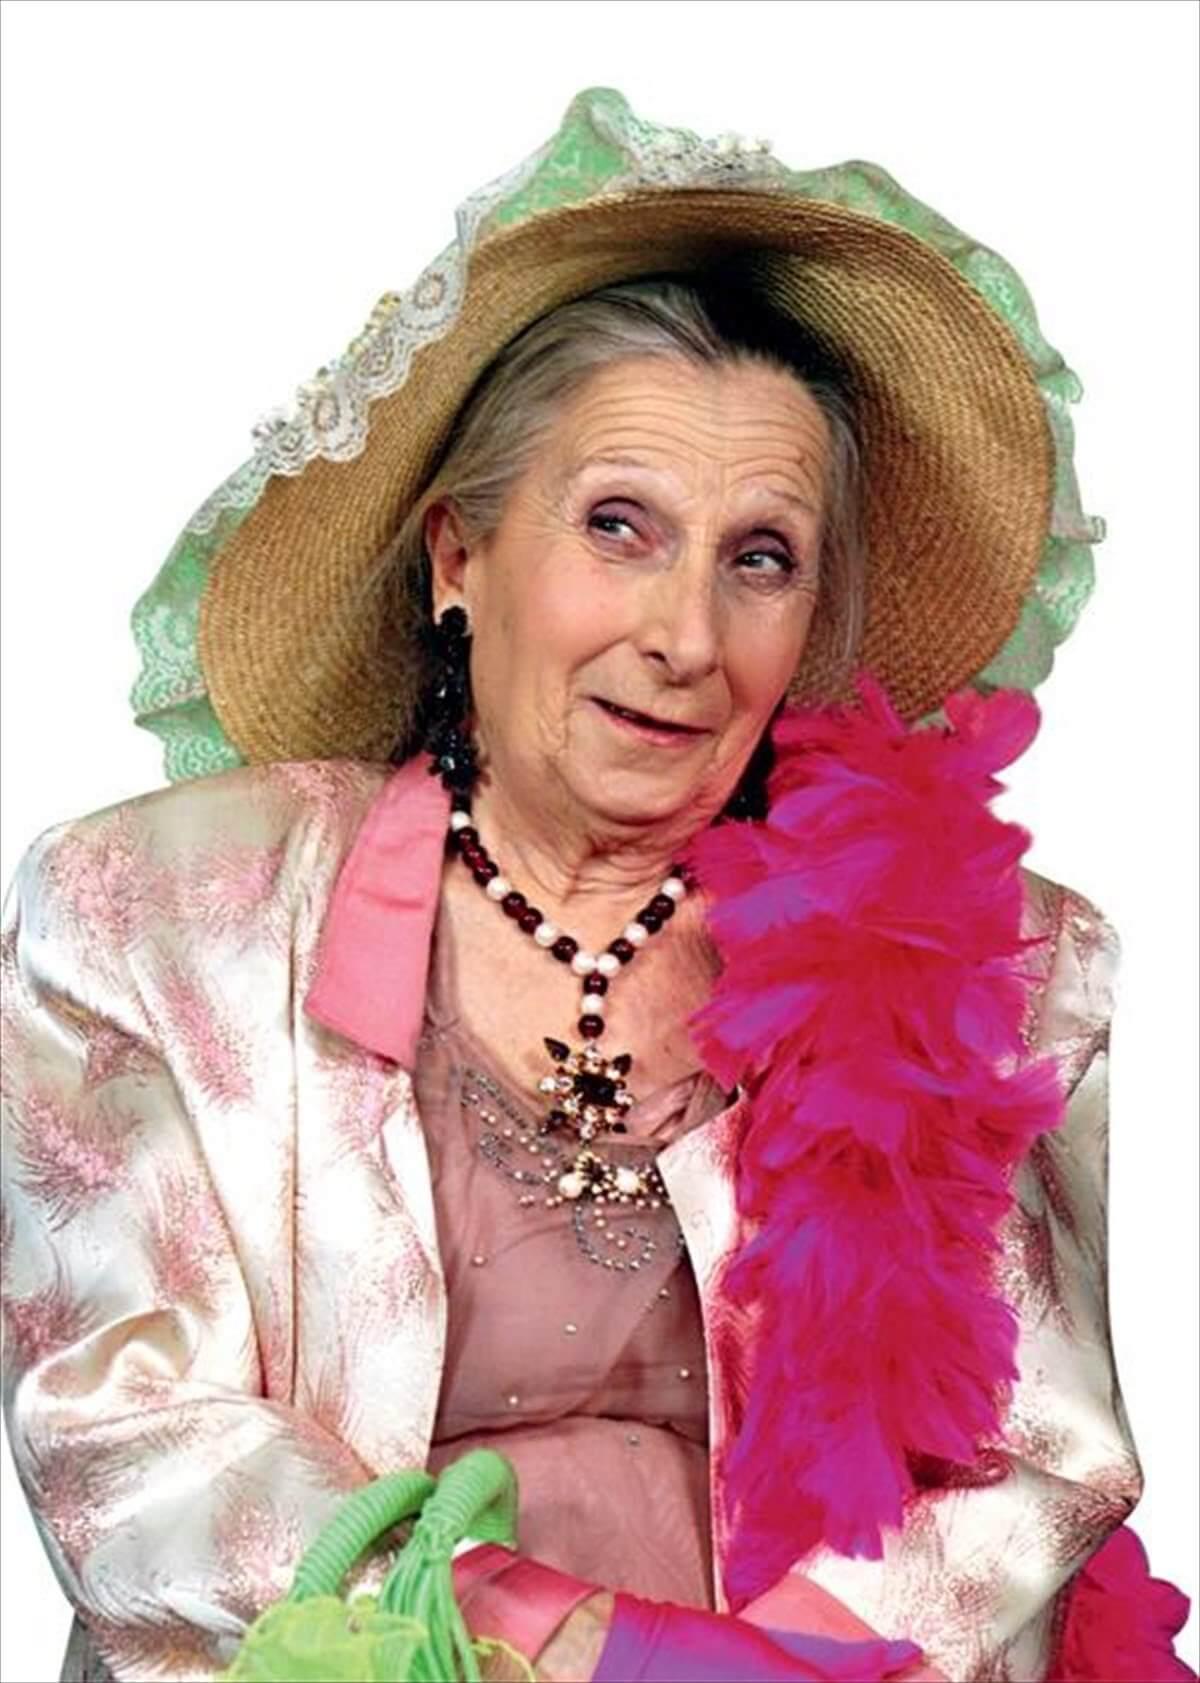 «Έφυγε» από τη ζωή, σε ηλικία 87 ετών, η αγαπημένη ηθοποιός και συγγραφέας Τιτίκα Σαριγκούλη